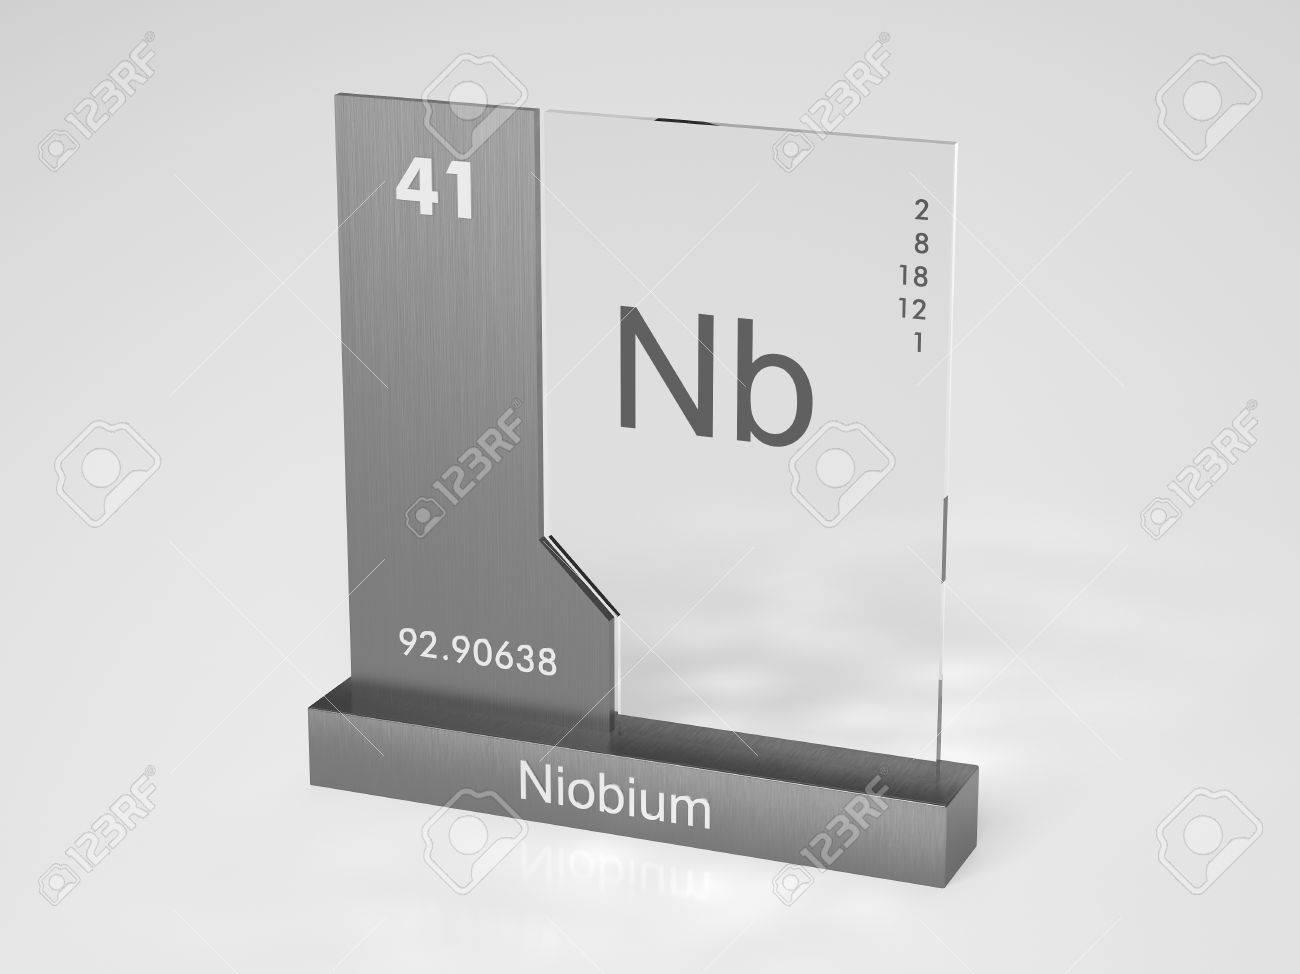 El niobio smbolo nb elemento qumico de la tabla peridica el niobio smbolo nb elemento qumico de la tabla peridica foto de archivo urtaz Image collections